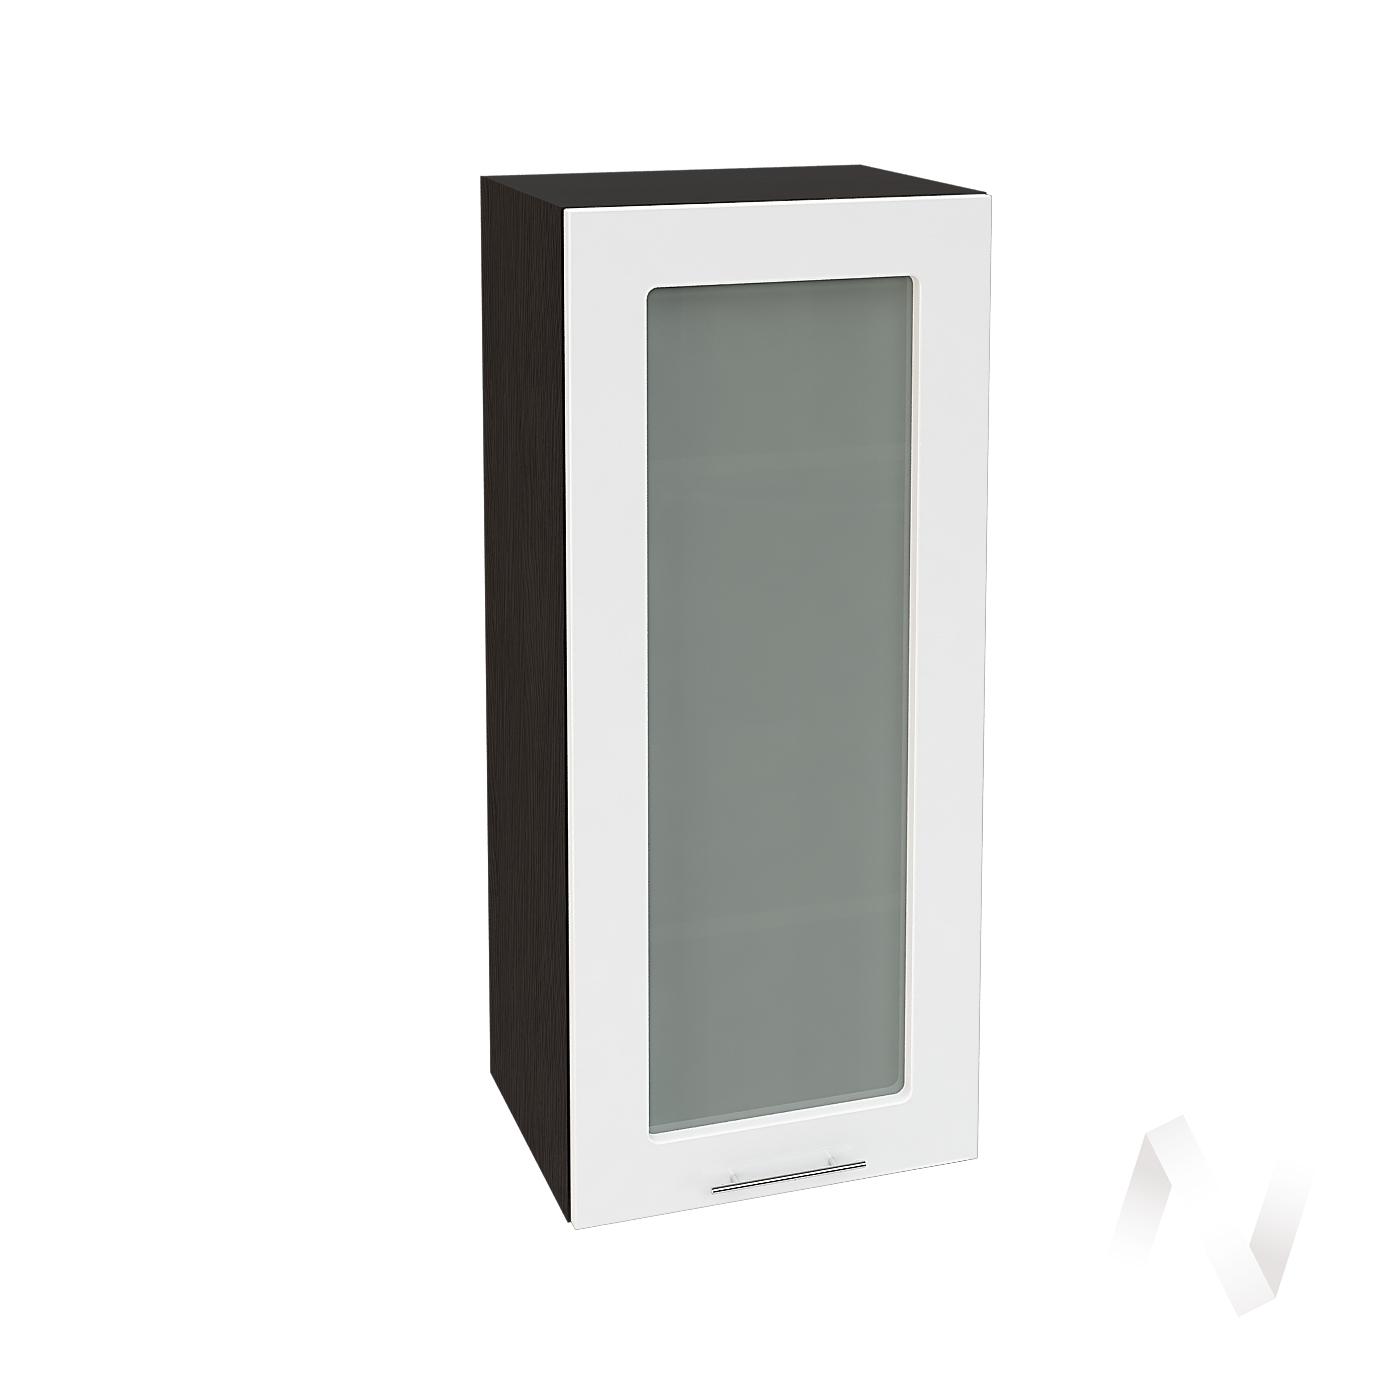 """Кухня """"Валерия-М"""": Шкаф верхний со стеклом 409, ШВС 409 (белый глянец/корпус венге)"""